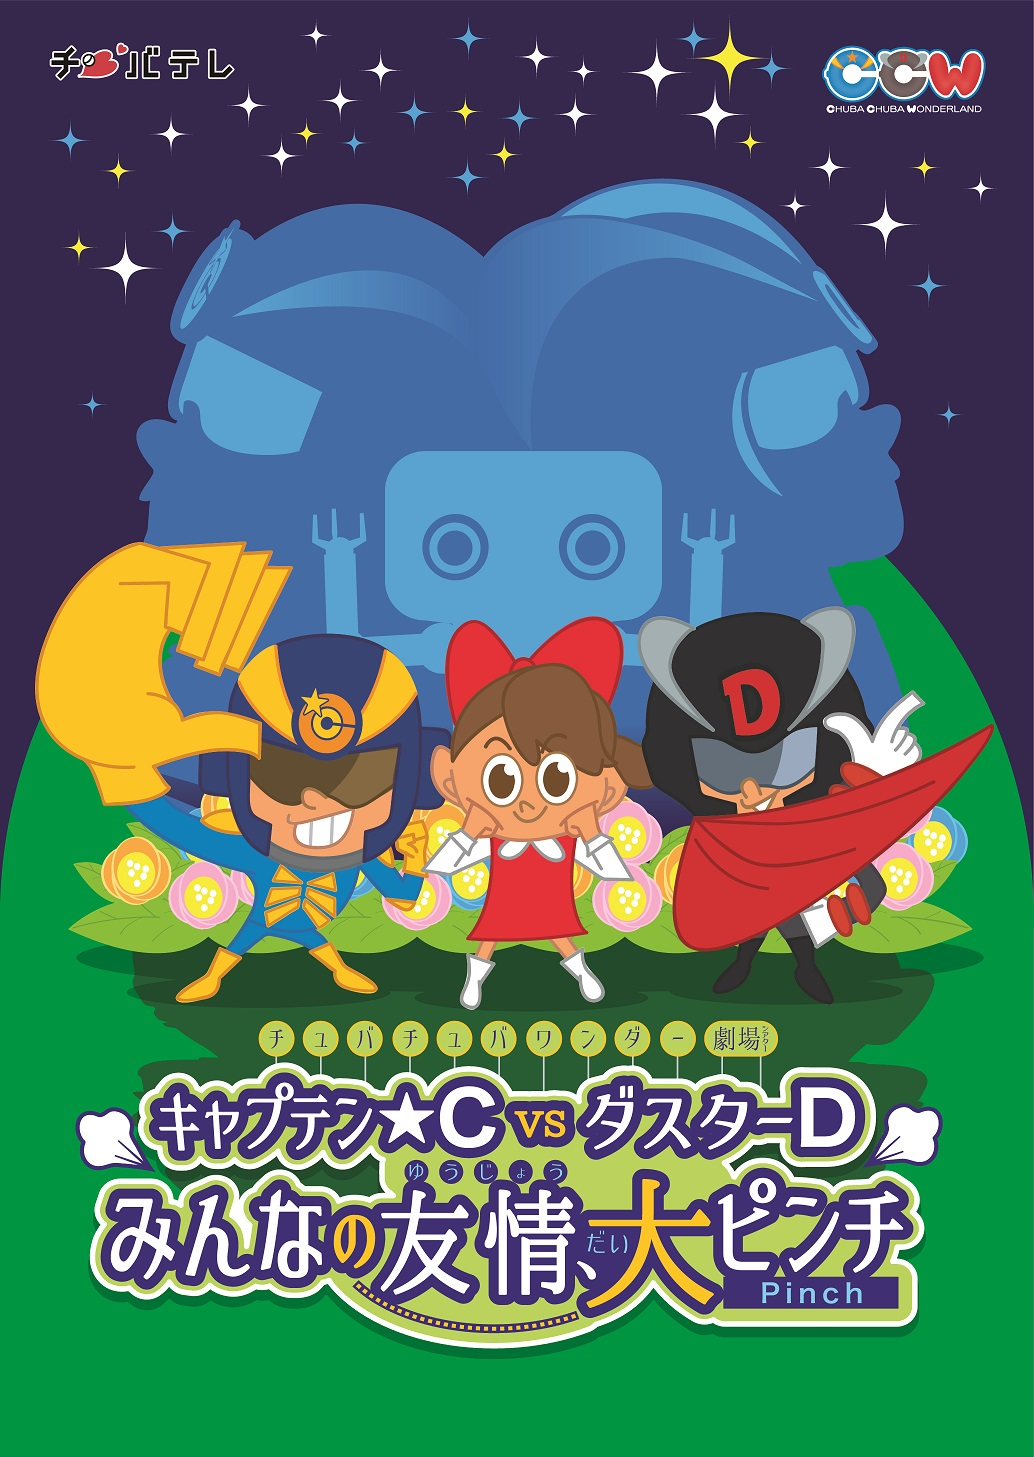 【二部】チュバチュバワンダー劇場(シアター)ミュージカル・アクション・コメディ